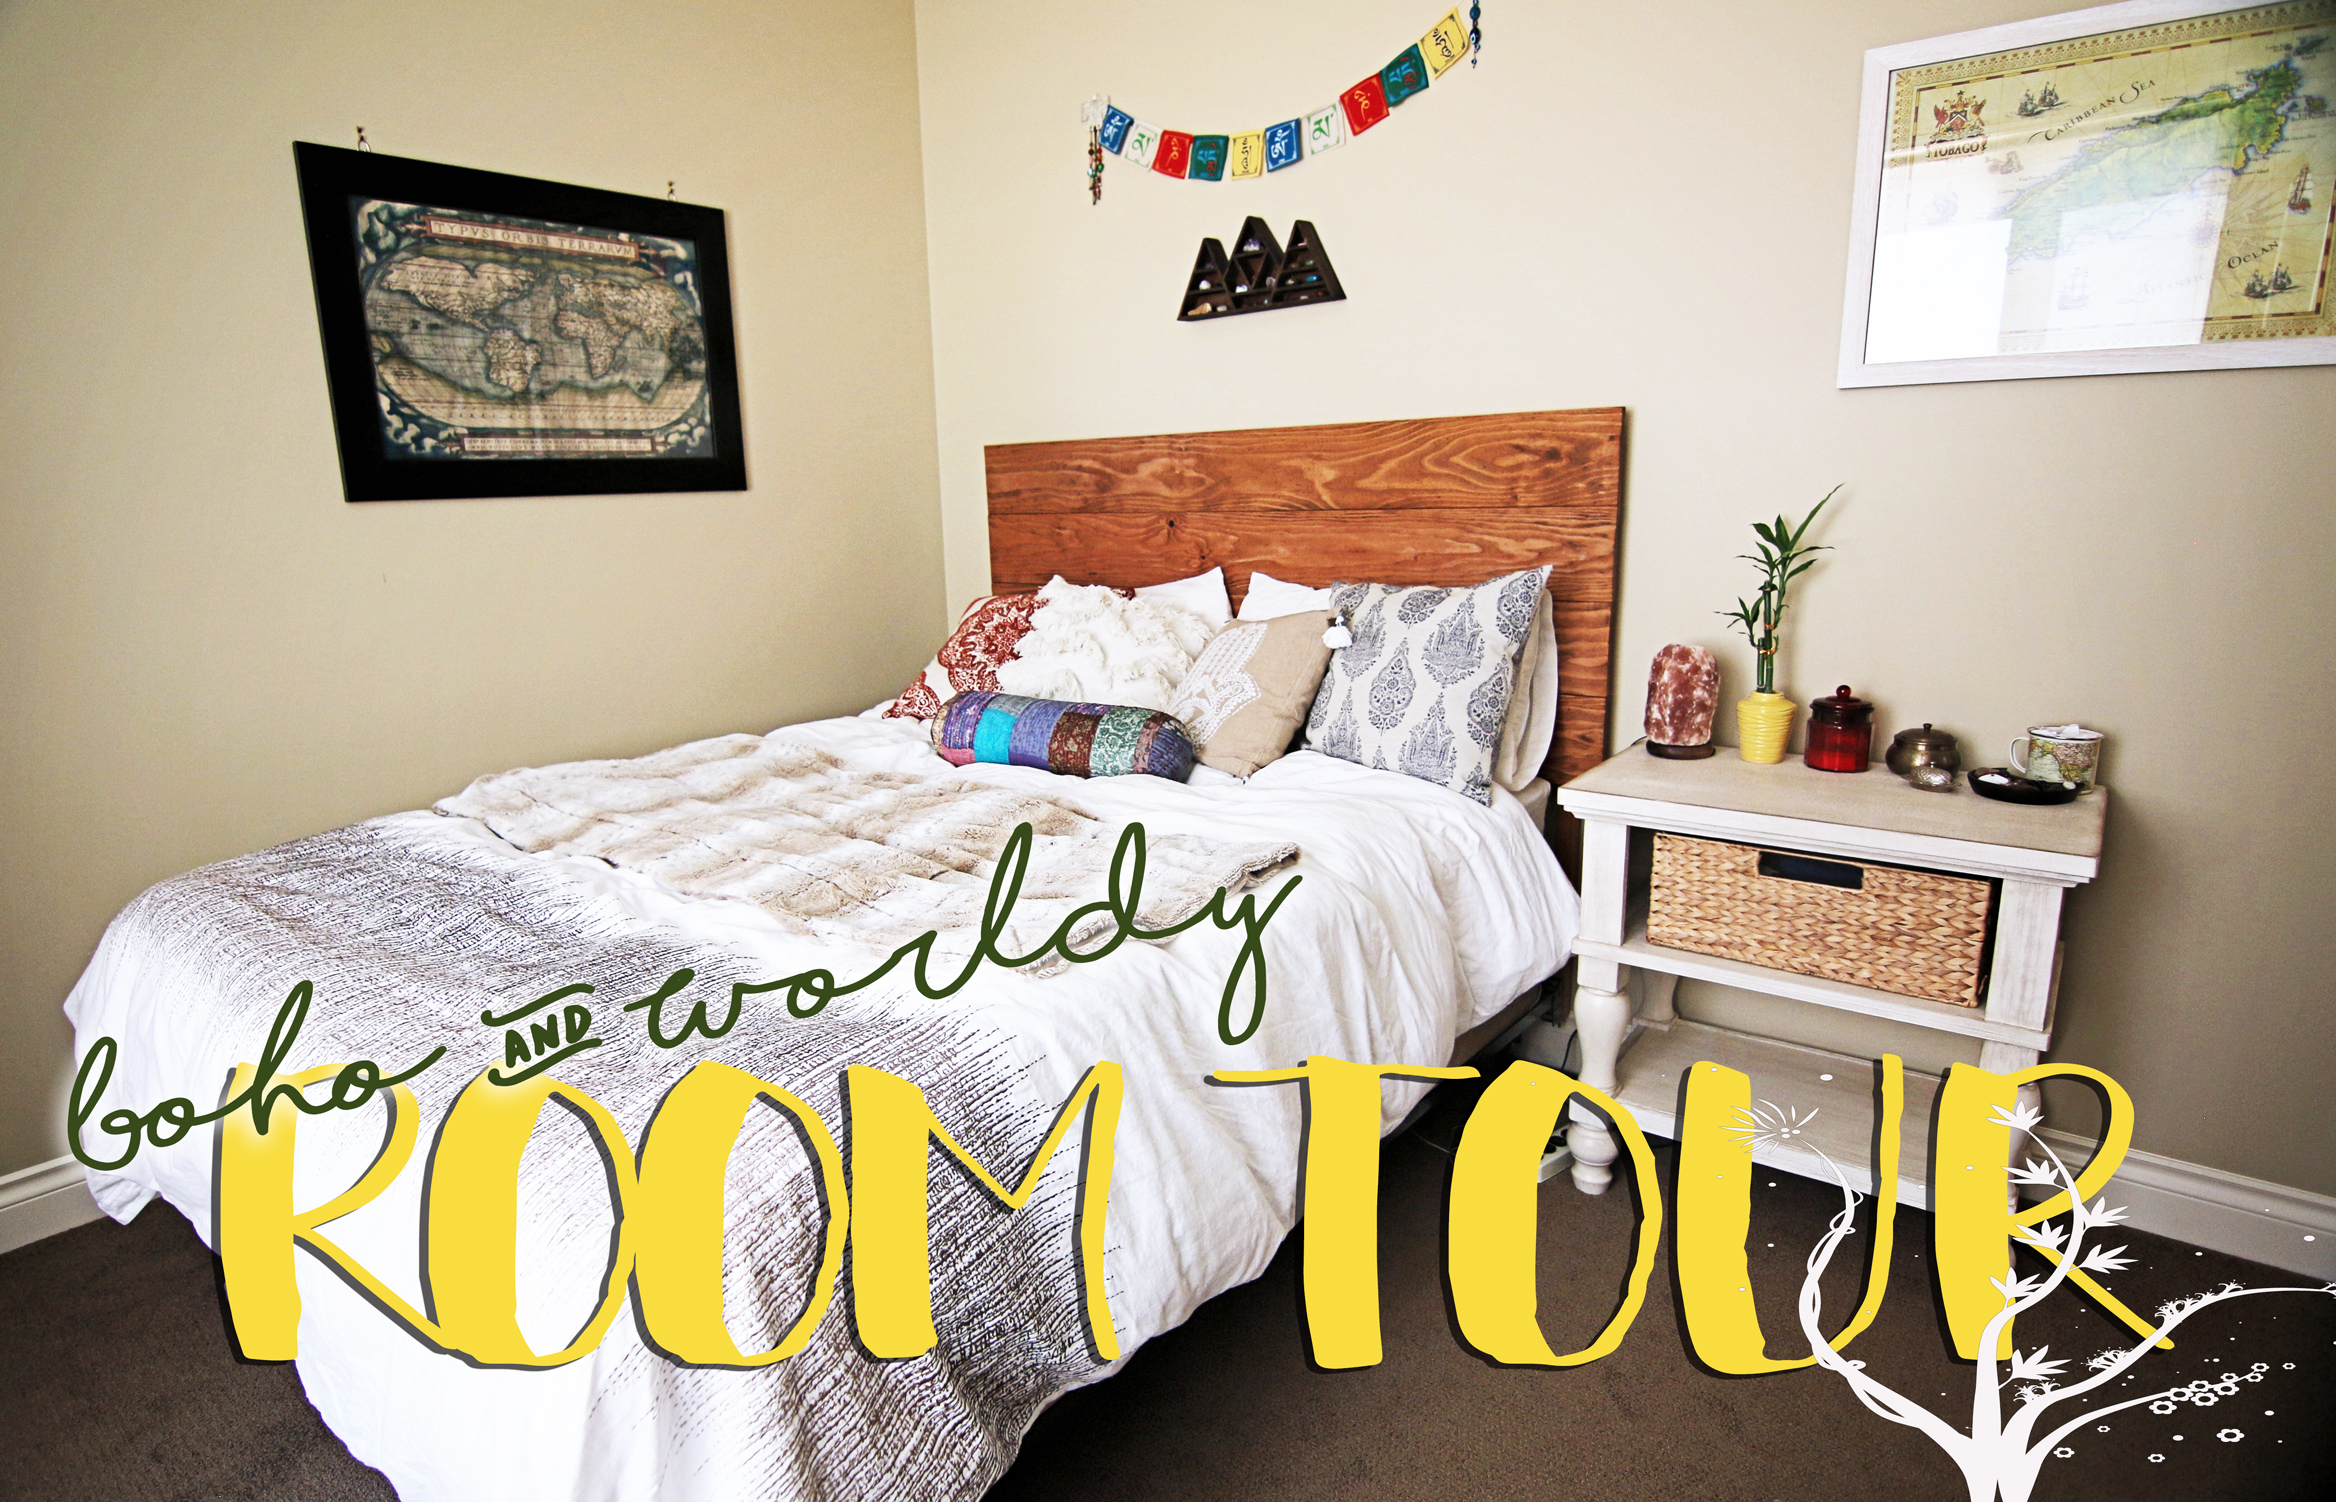 Travel Inspired Guest Room: Boho & World Travel Inspired